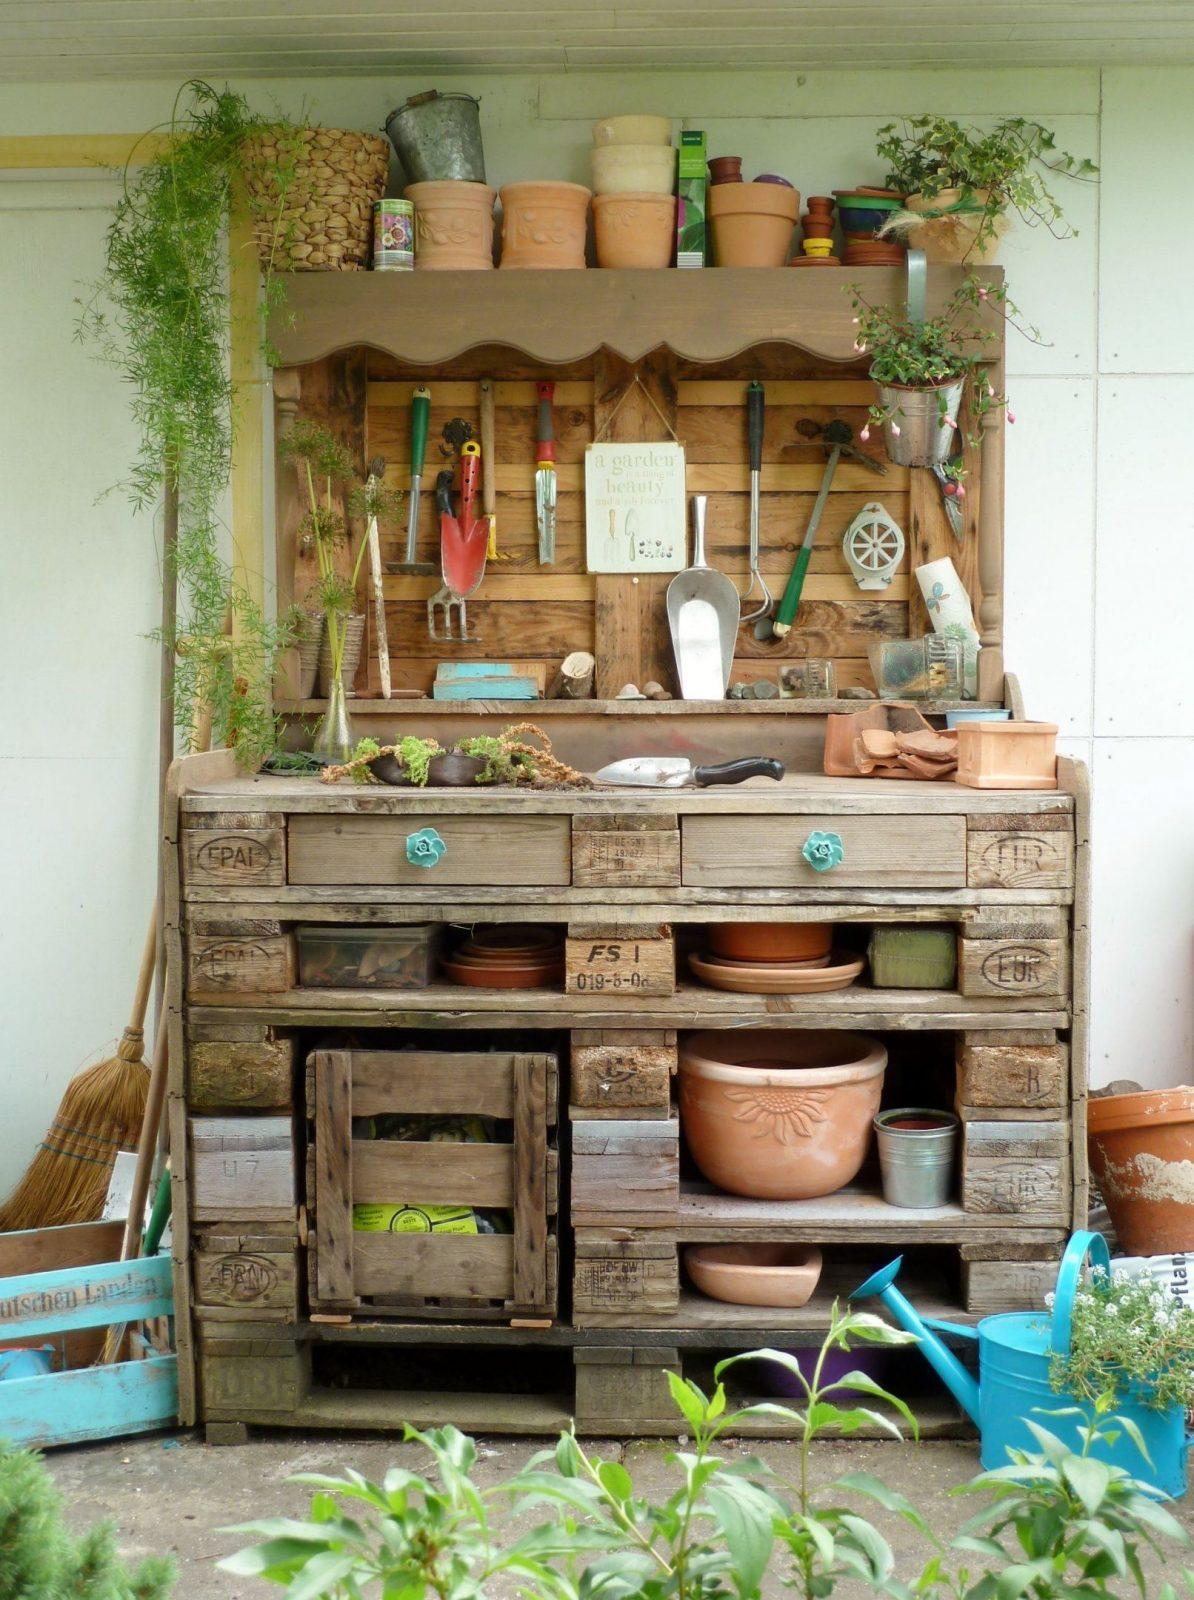 Pflanztisch Aus Paletten Diy(Diy Garden Pallet)  How To von Pflanztisch Selber Bauen Paletten Bild